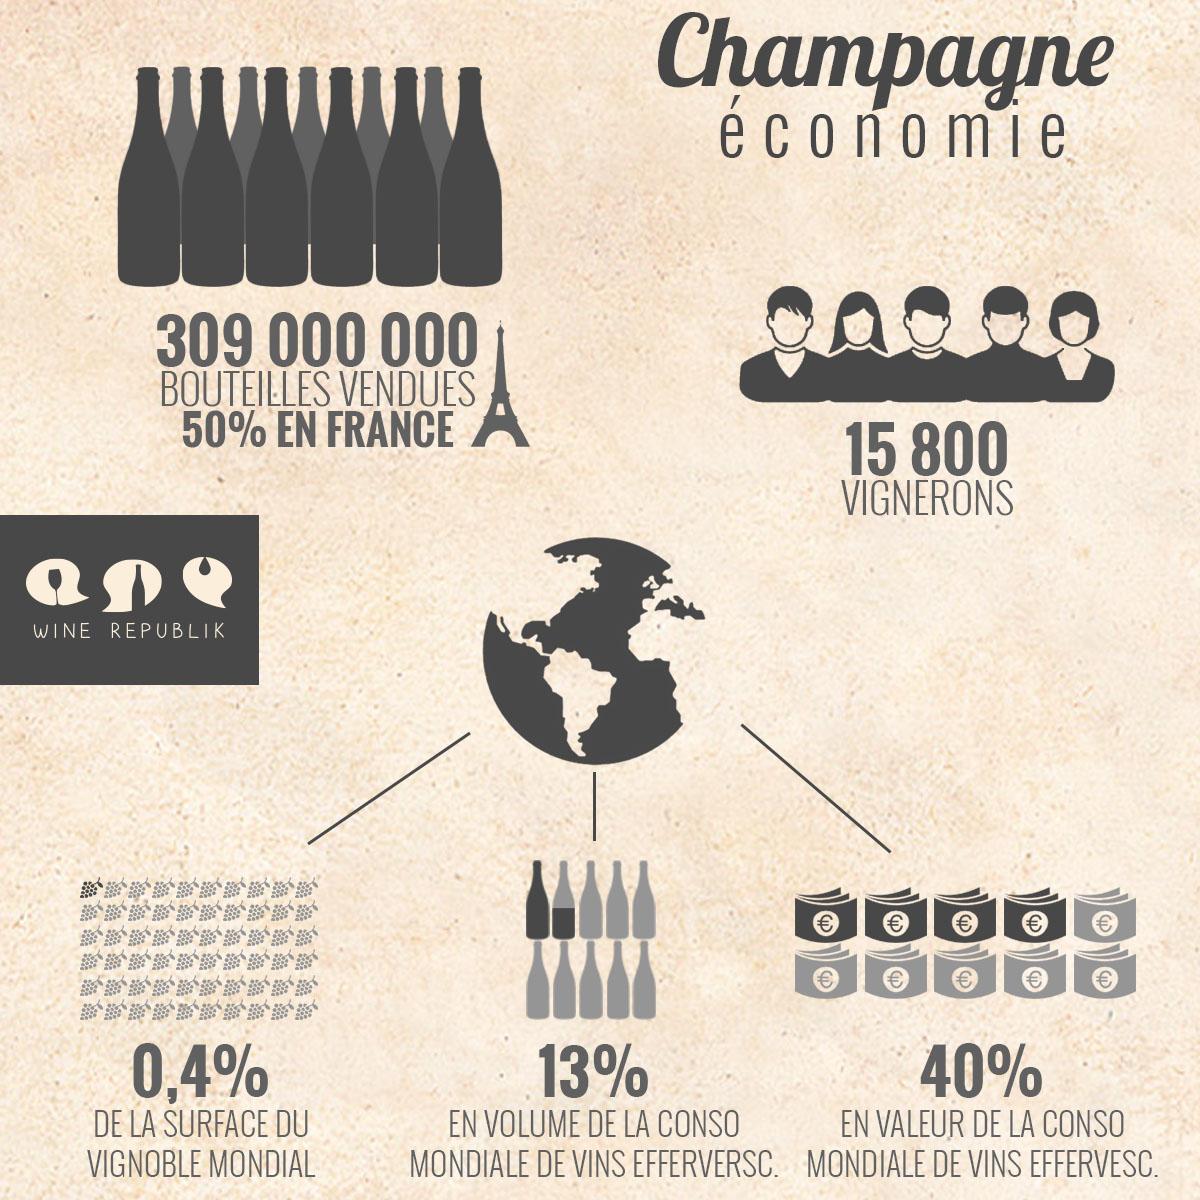 L'économie du Champagne